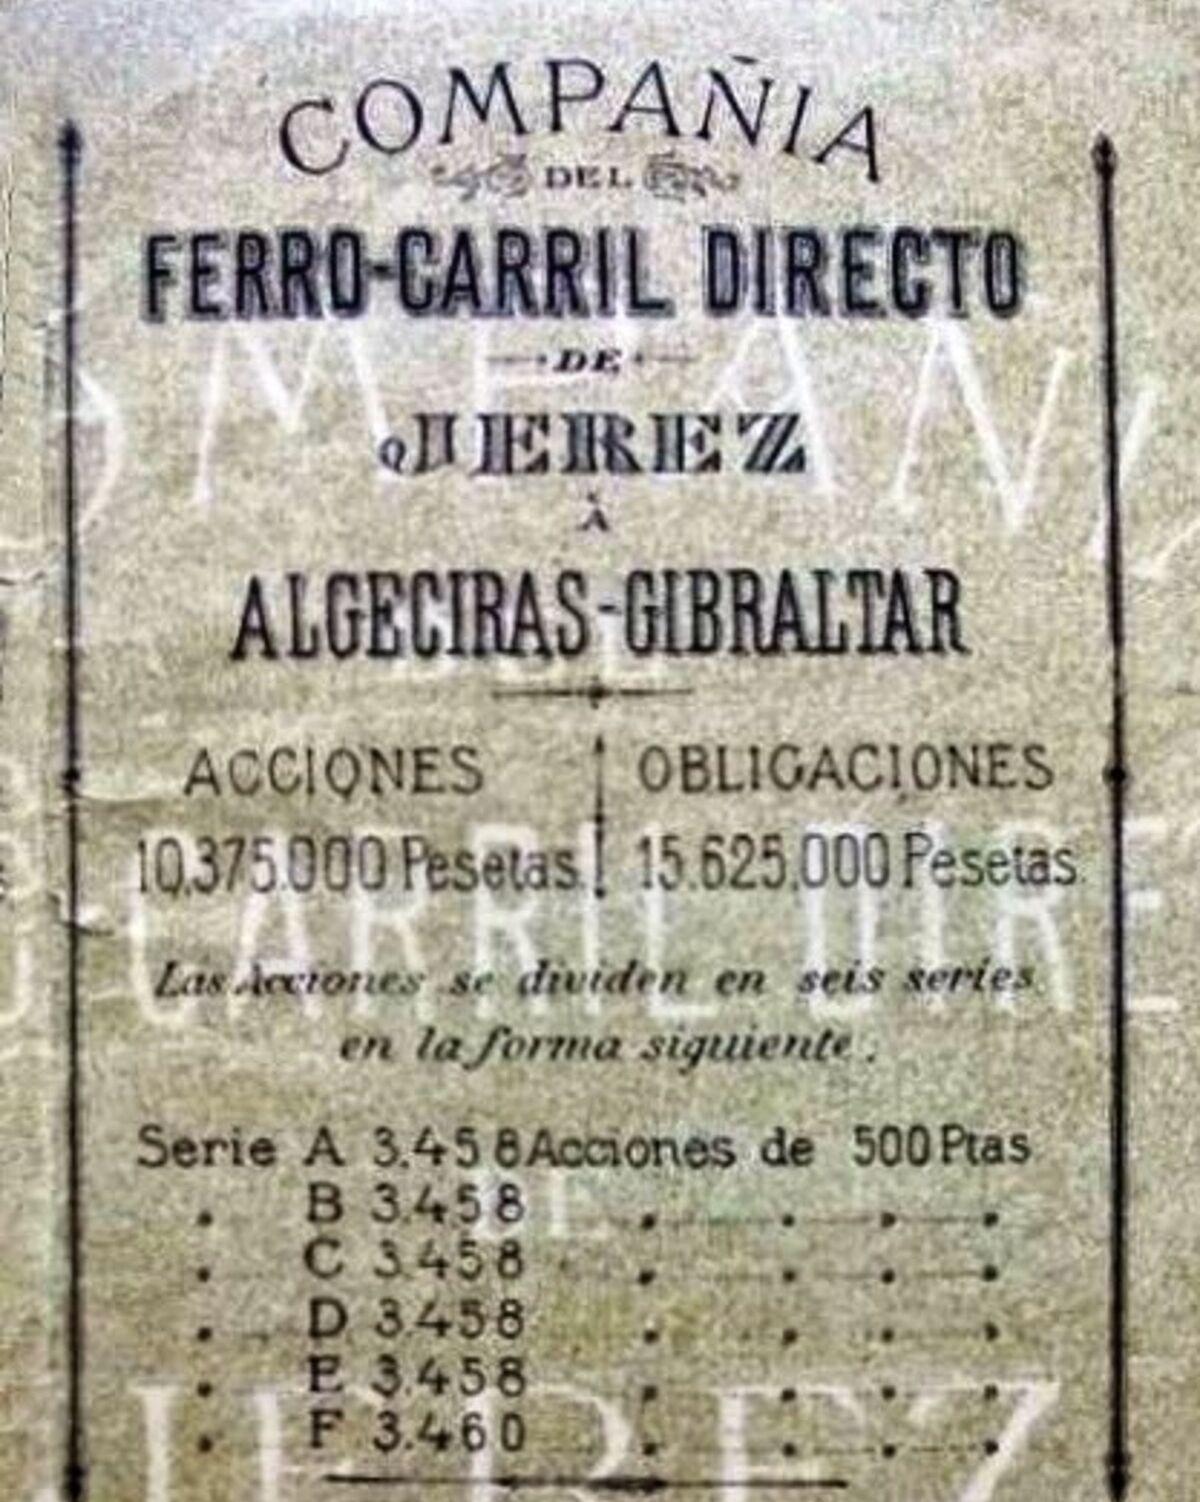 El anuncio de venta de acciones de la Compañía del ferrocarril de Jerez a Algeciras-Gibraltar.